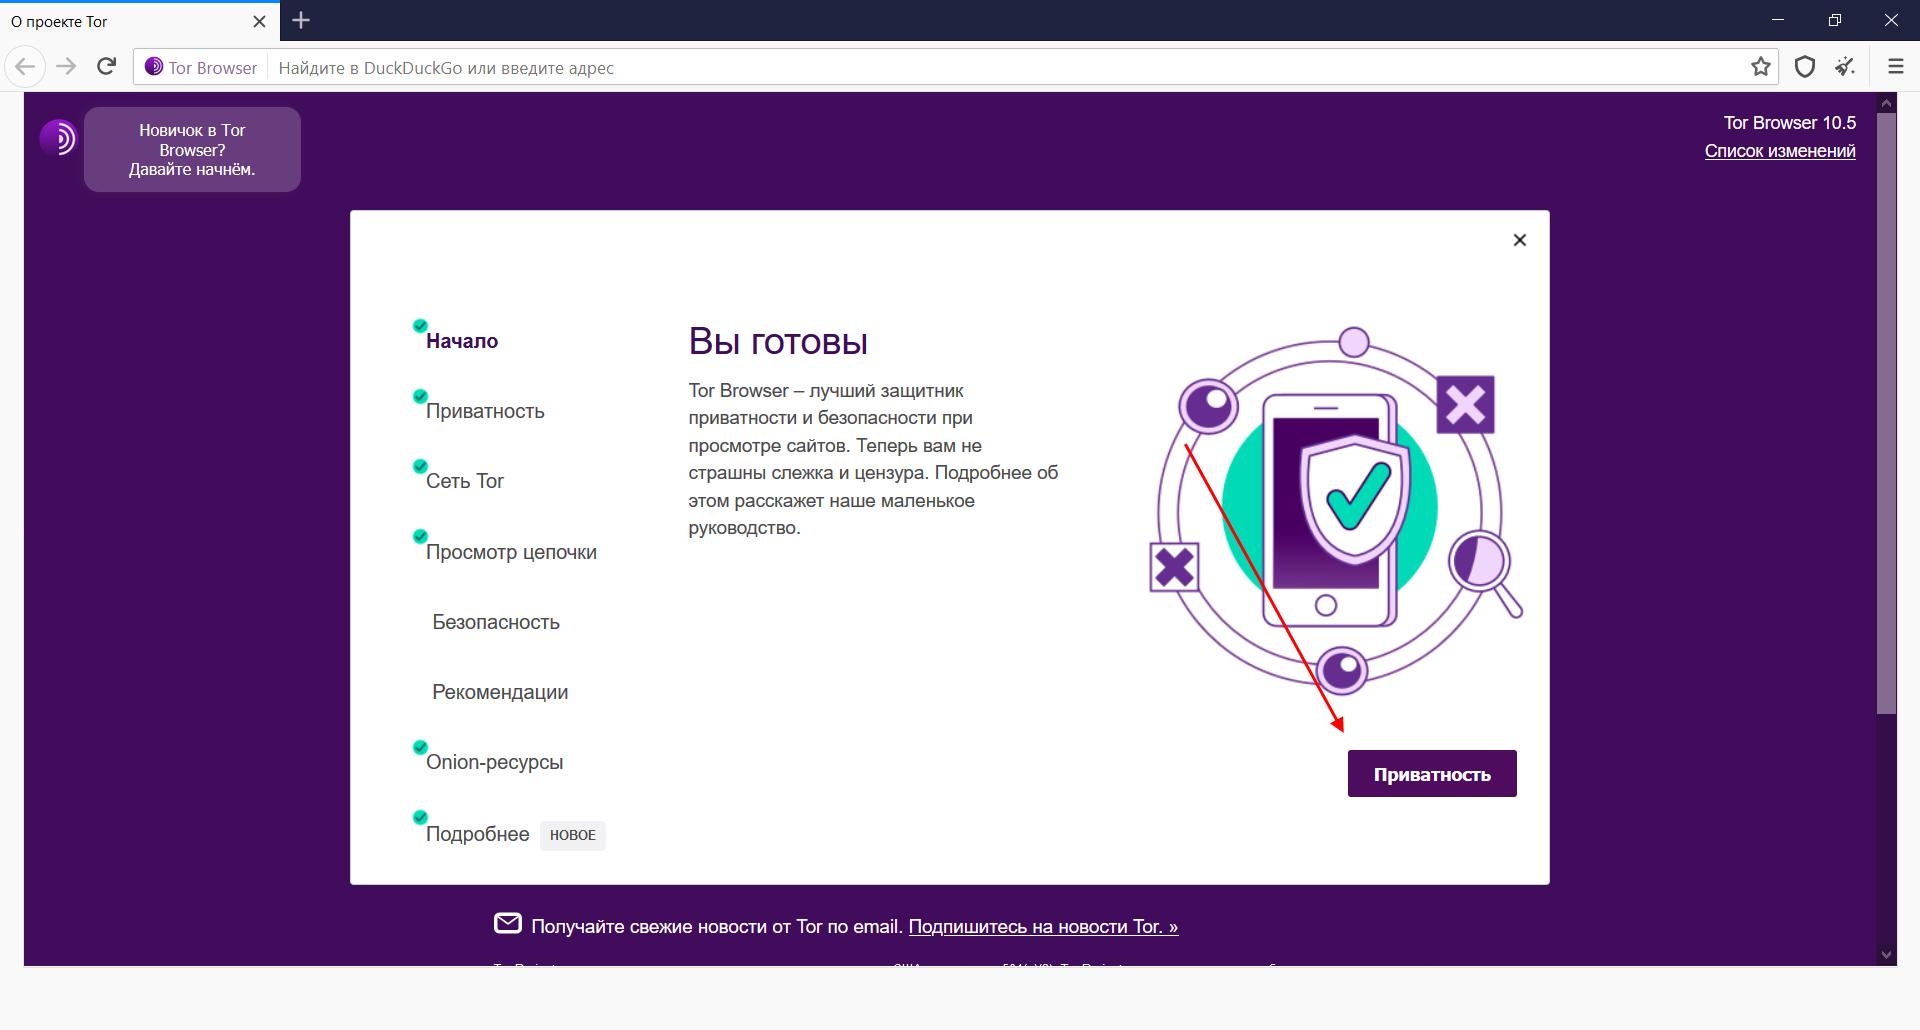 Обучение для новичка в Tor Browser